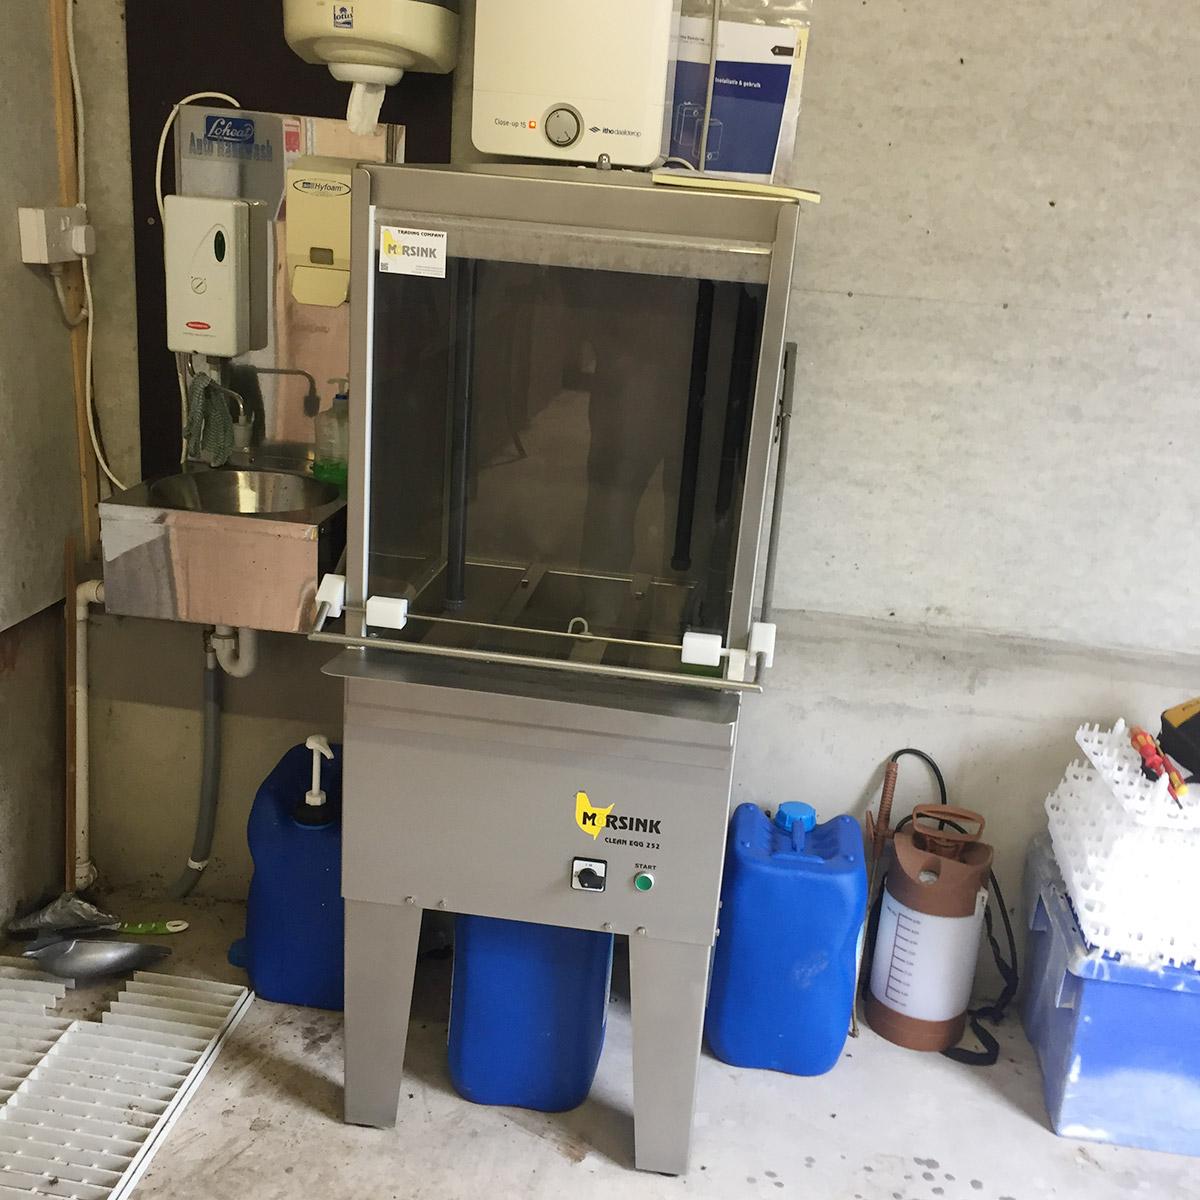 Clean Egg 252 machine